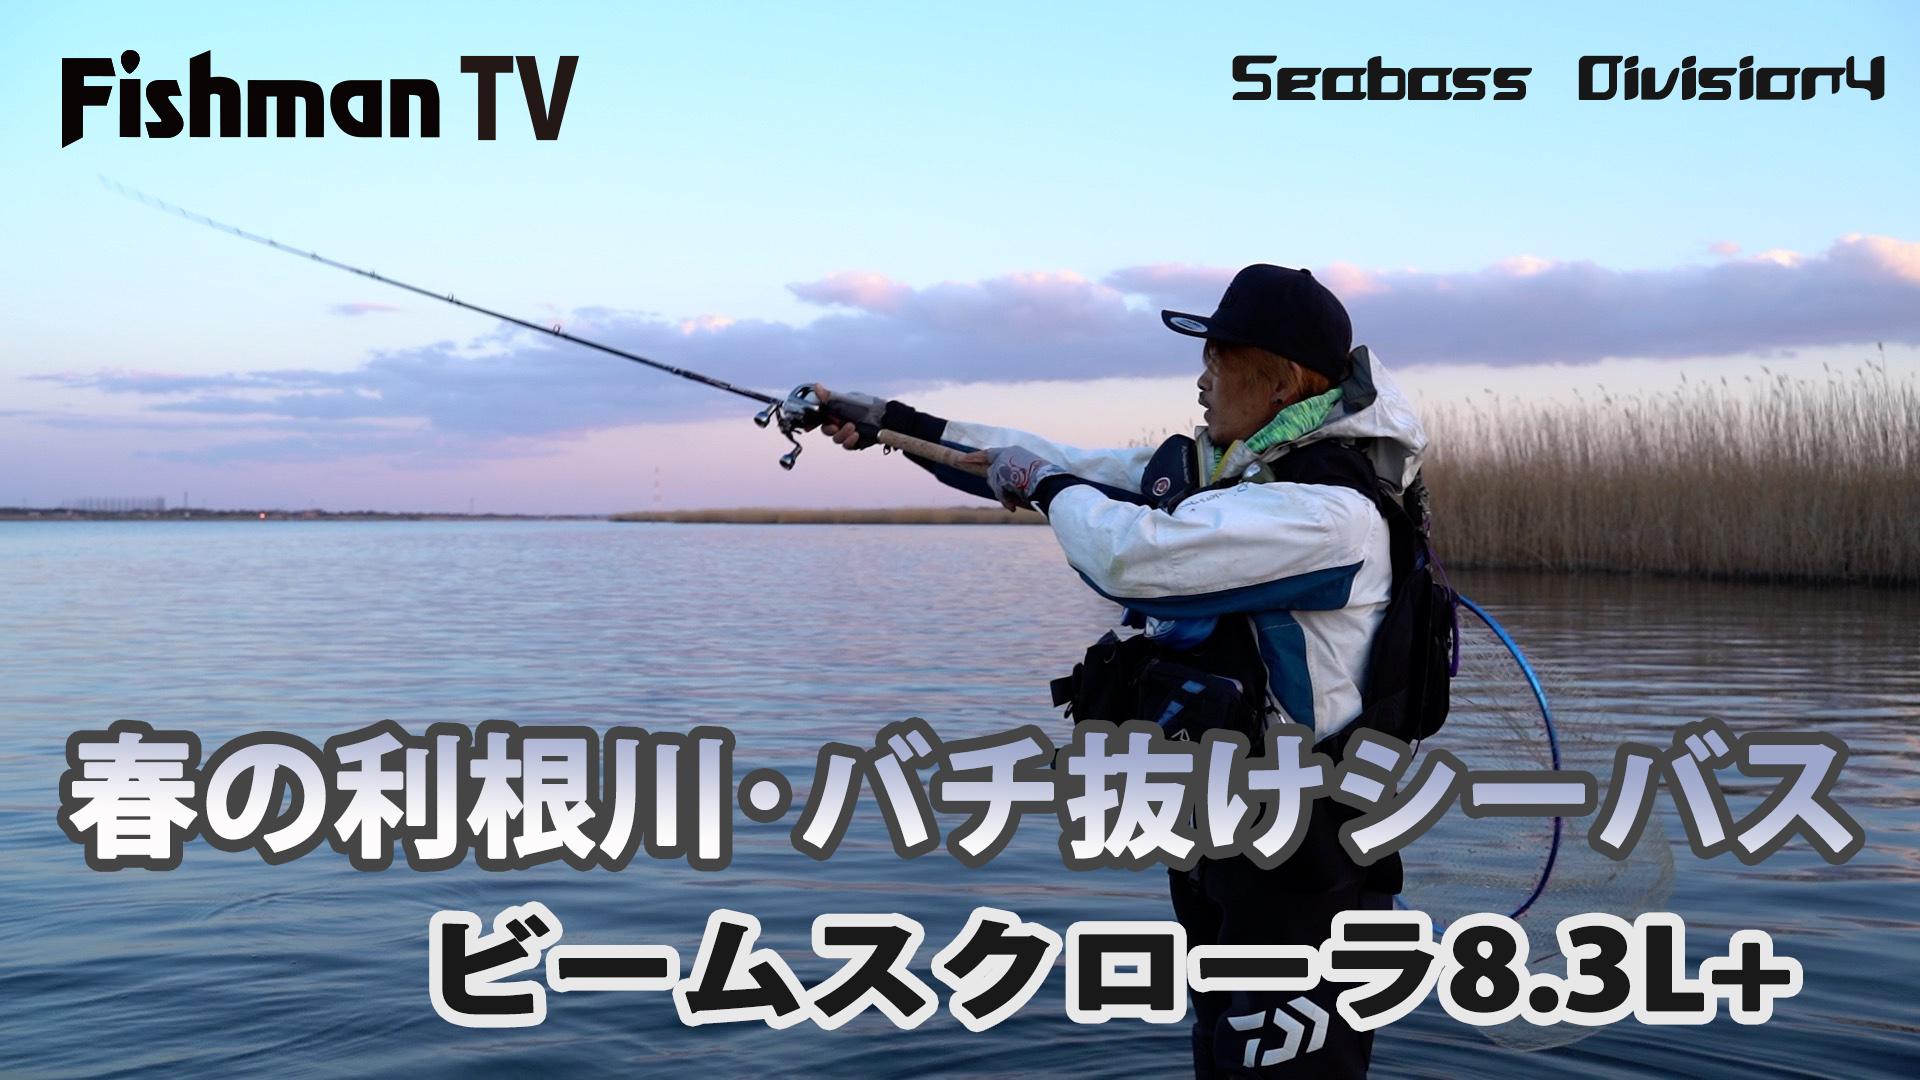 『Fishman TV program〝seabass division 05″』を公開しました。